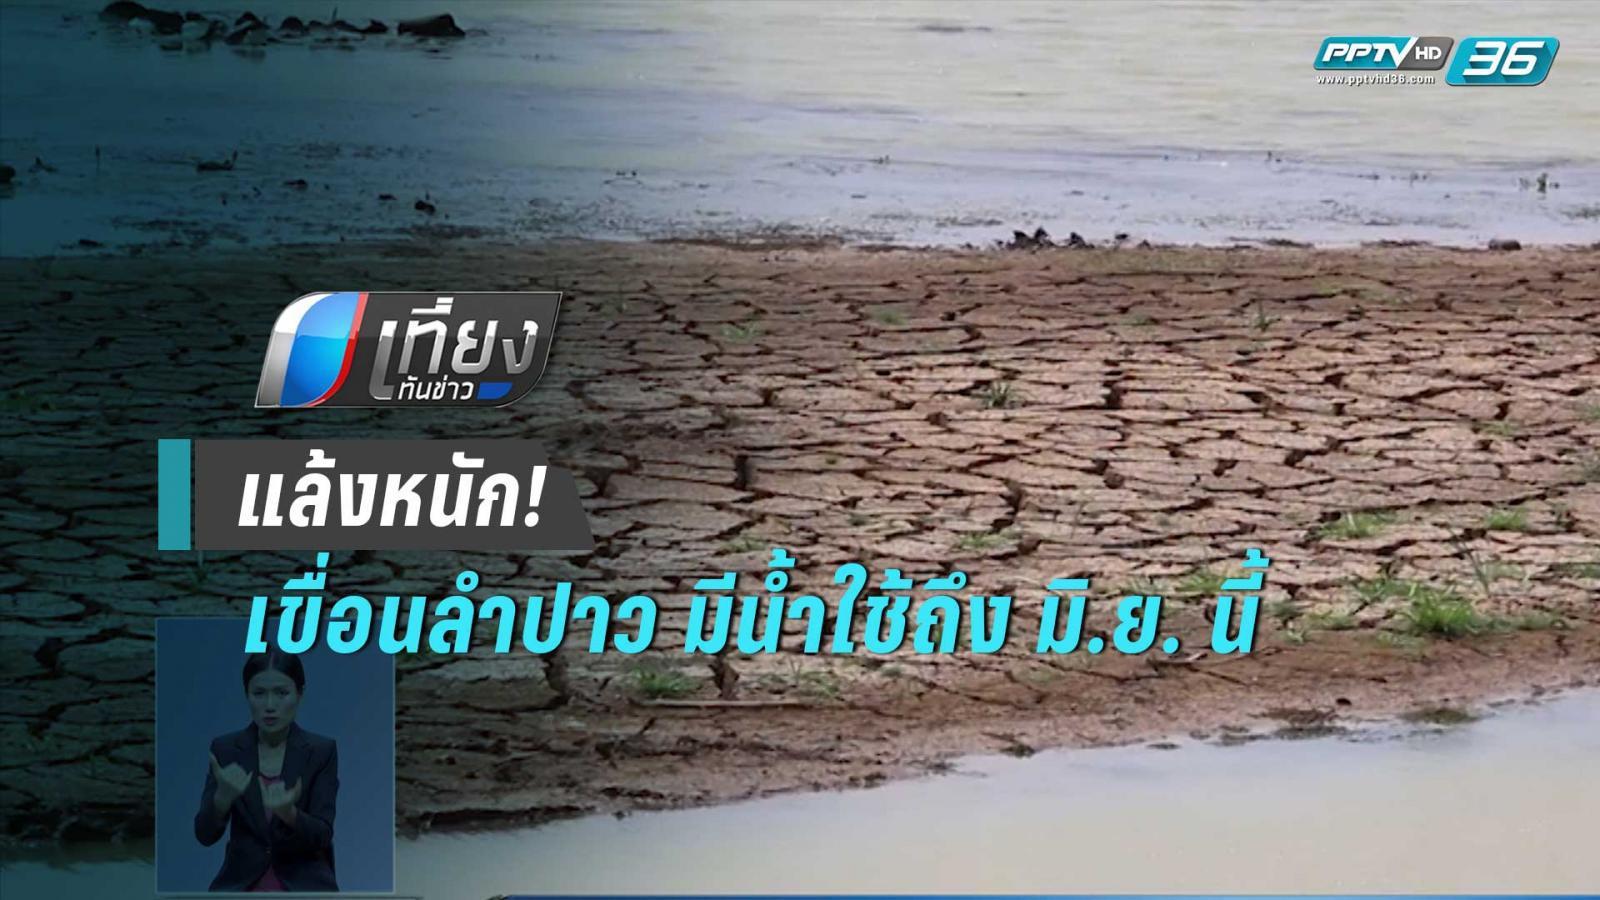 เขื่อนลำปาว ส่อวิกฤติ คาดมีน้ำใช้ถึงแค่เดือนมิถุนายนนี้